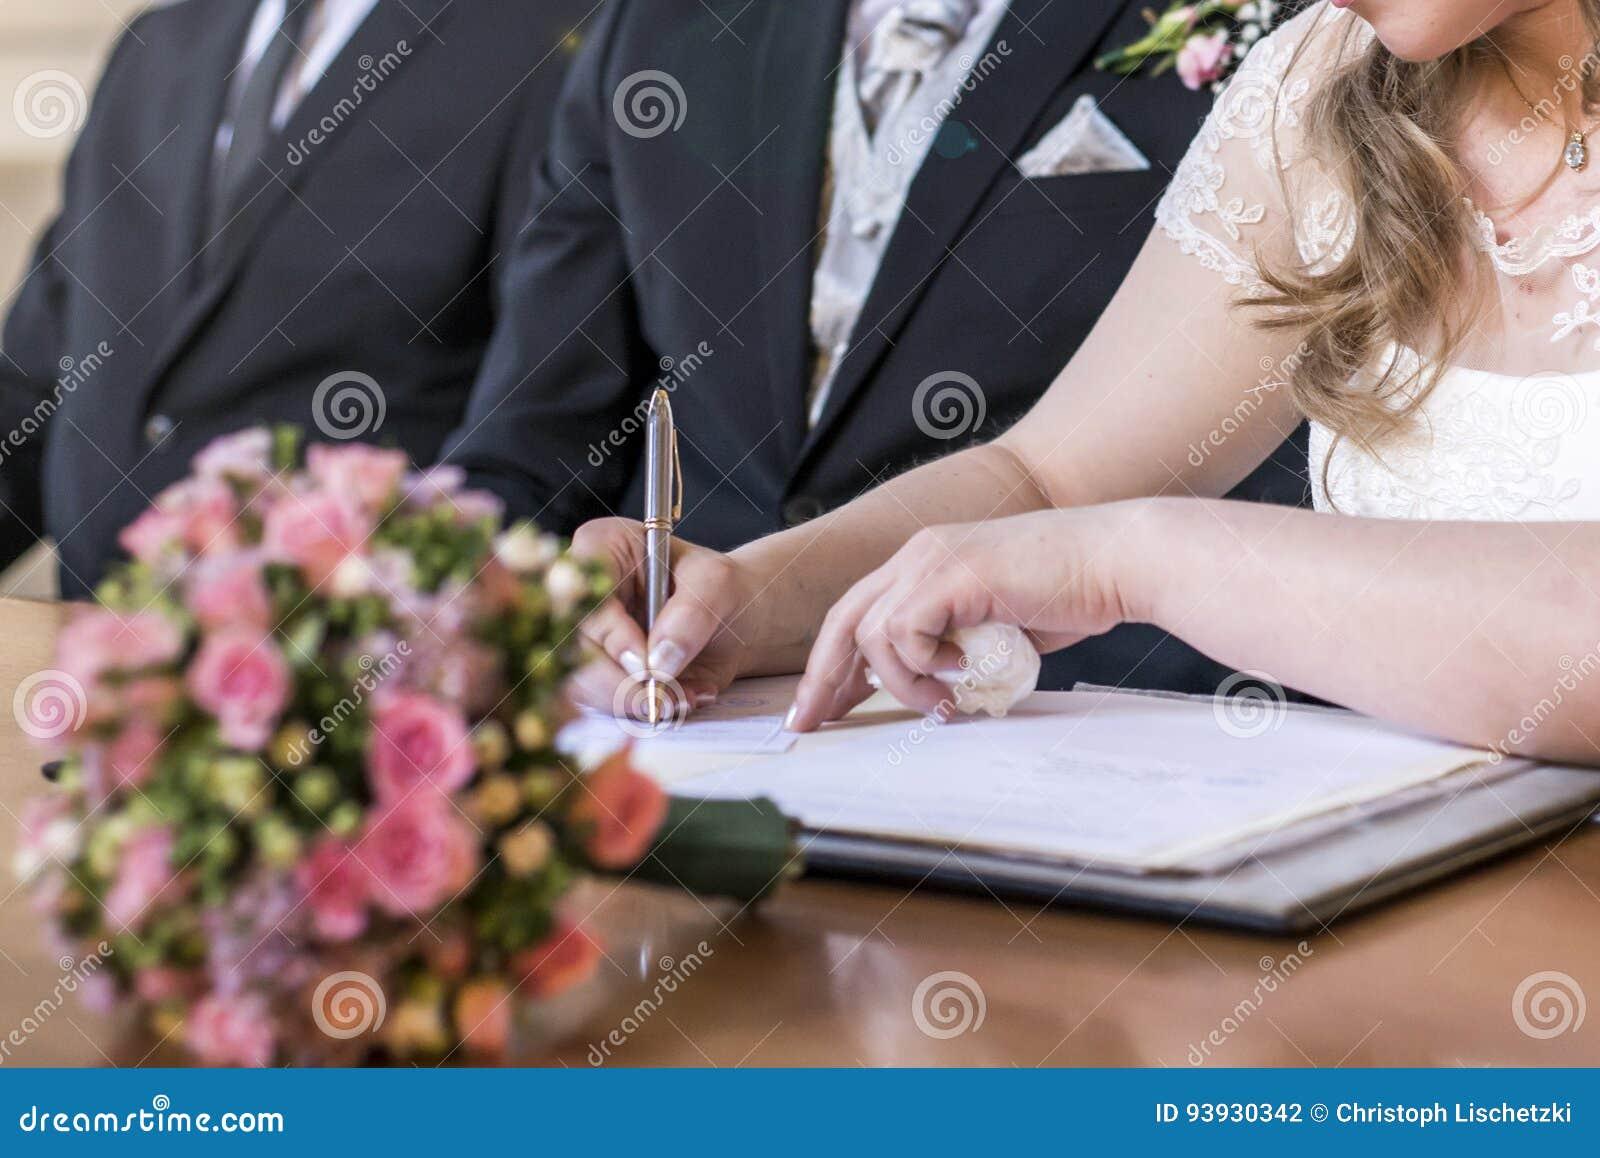 Registro de firma de la novia de la boda, pluma de tenencia y pares elegantes de la boda del documento oficial